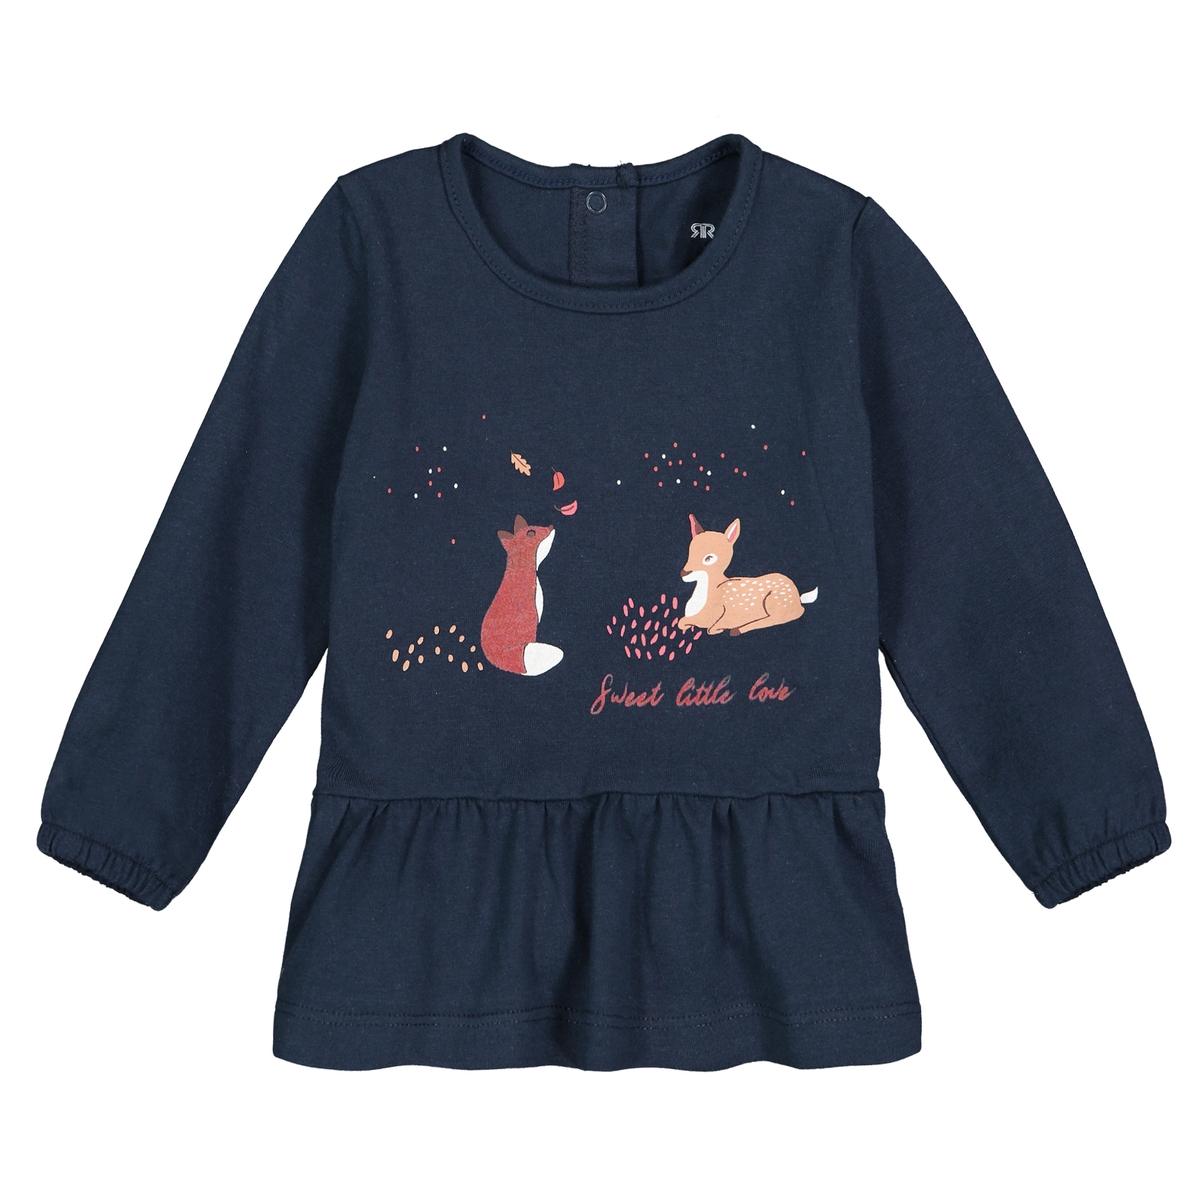 Футболка La Redoute С длинными рукавами с воланом мес- года 1 мес. - 54 см синий футболка la redoute с длинными рукавами с вышивкой мес года 0 мес 50 см бежевый